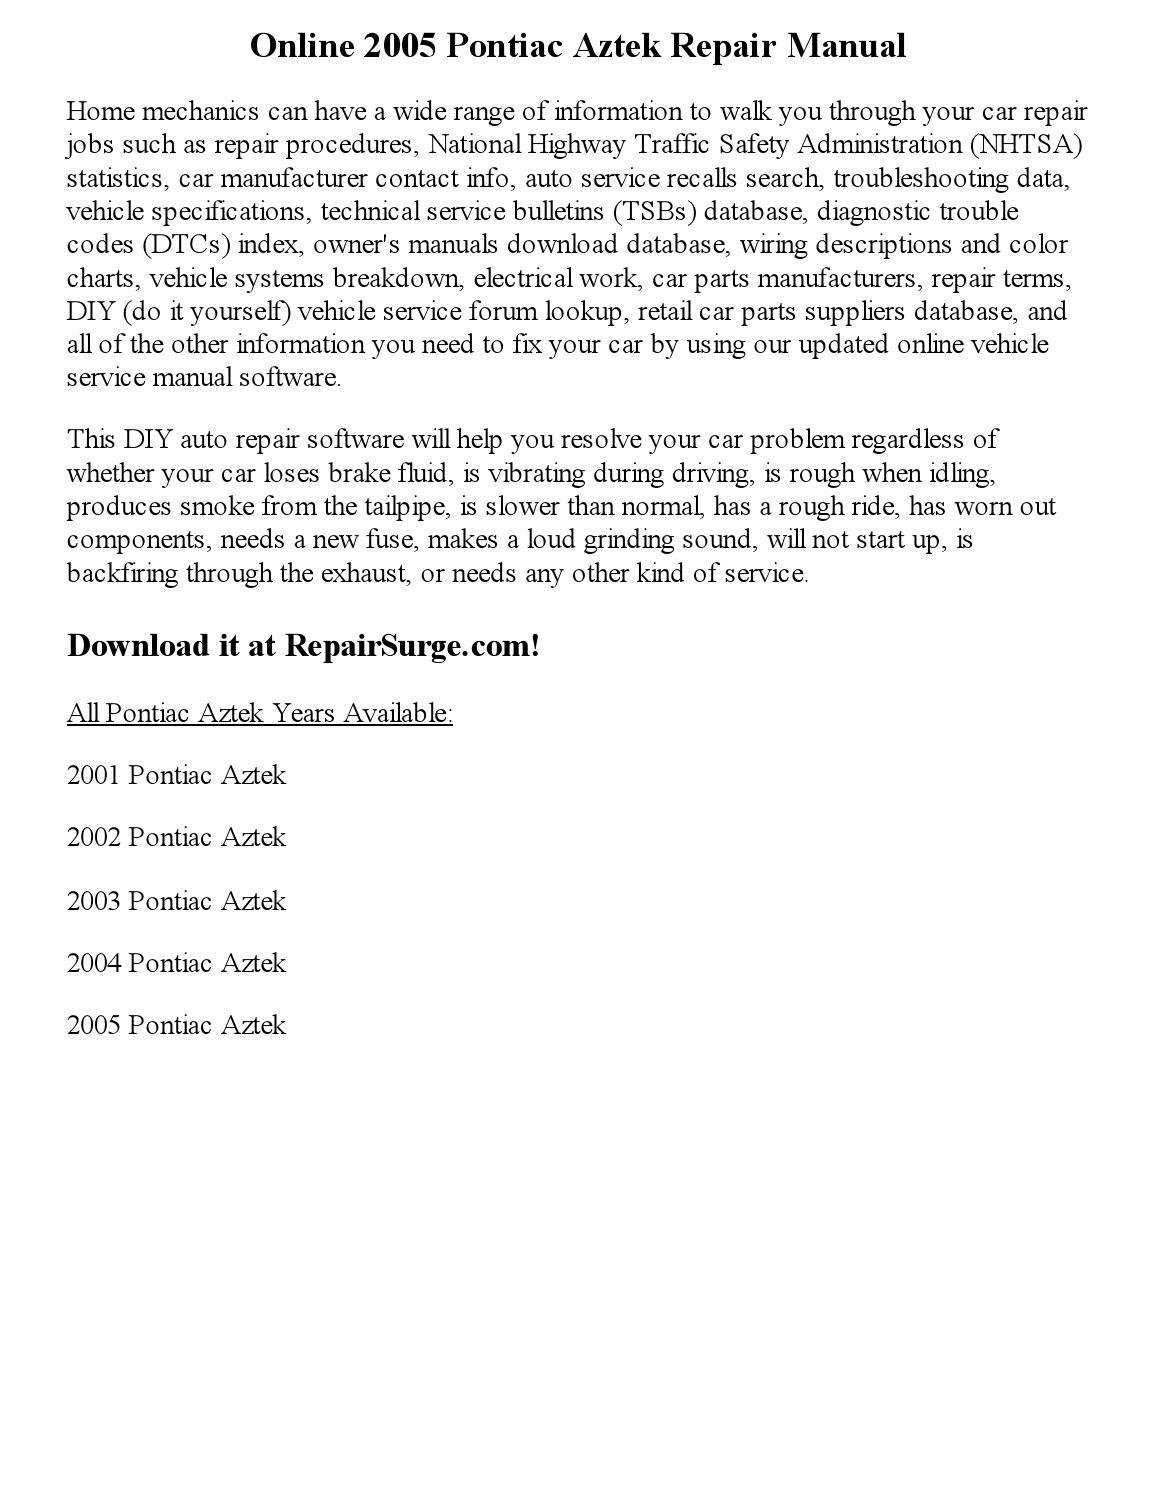 2005 pontiac aztek repair manual online by ansley issuu rh issuu com 2006 Pontiac Aztec 2003 Pontiac Aztek Inside